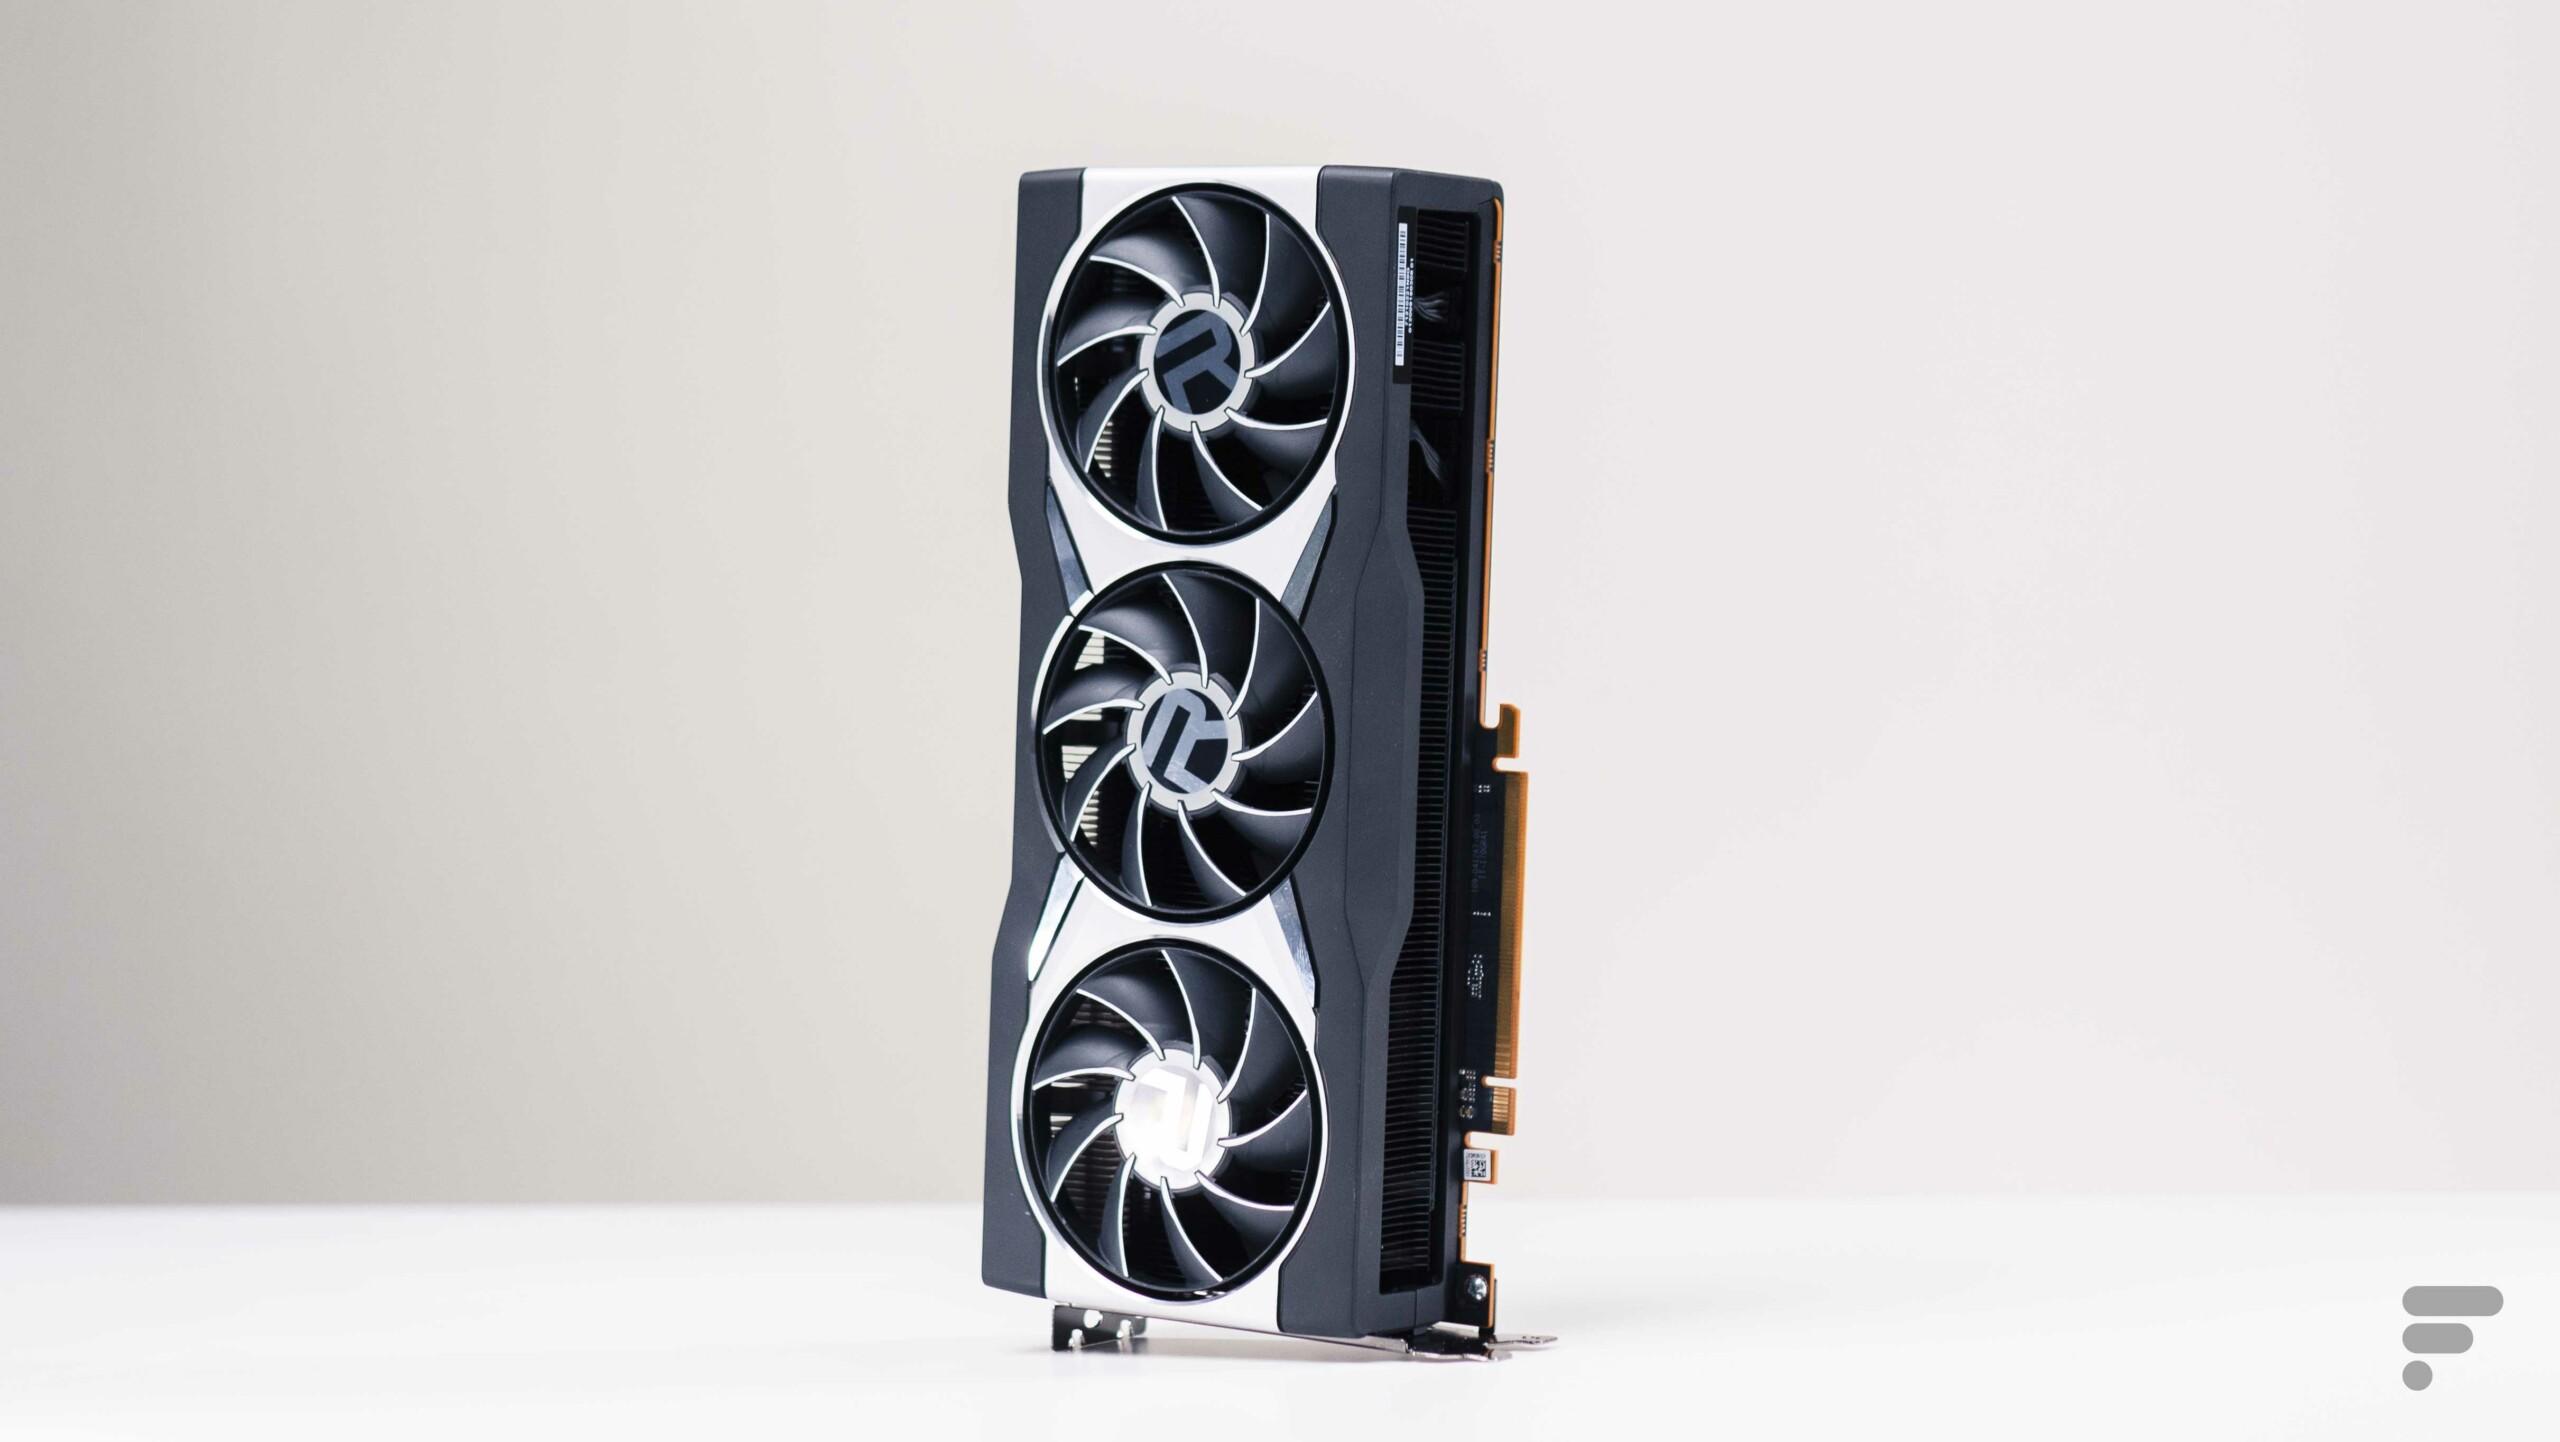 Ici la AMD Radeon RX6800 XT, équipée de mémoire vidéo GDDR6 et dont la disponibilité laisse déjà à désirer…